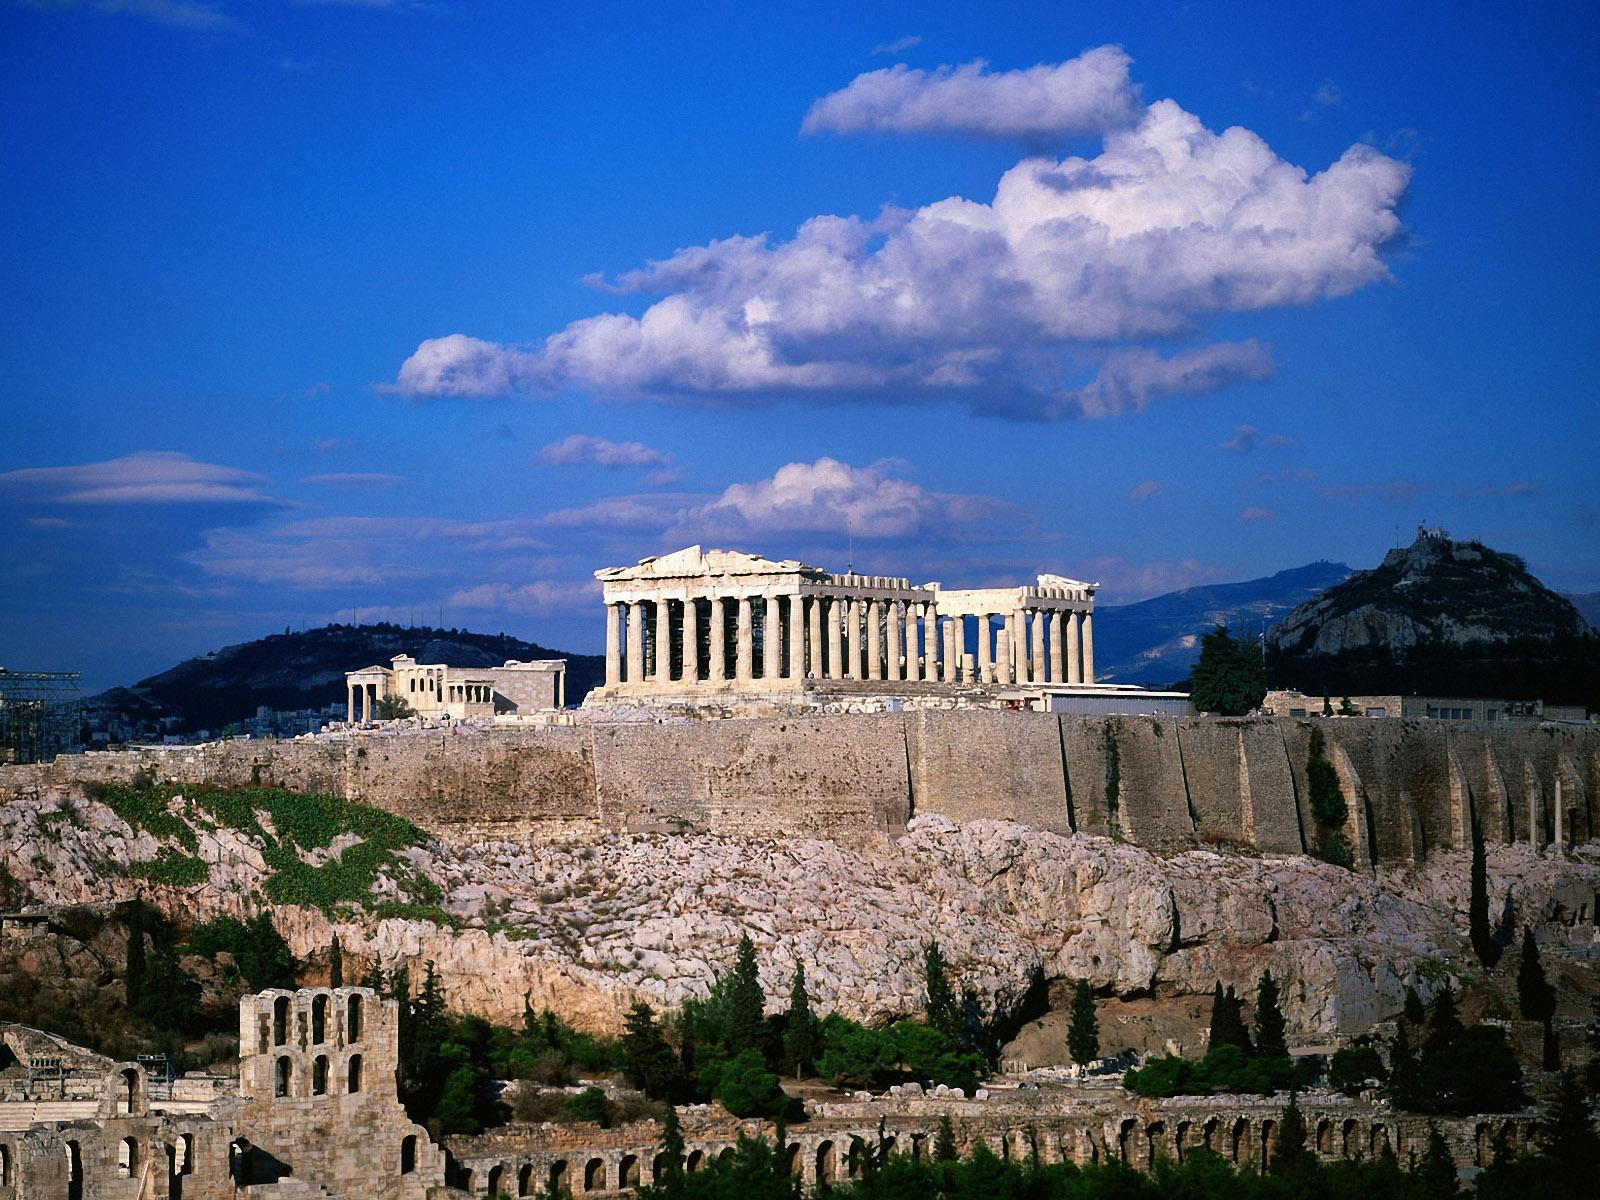 GRČKA ATINA AVIONOM PONUDA JESENJA PUTOVANJA